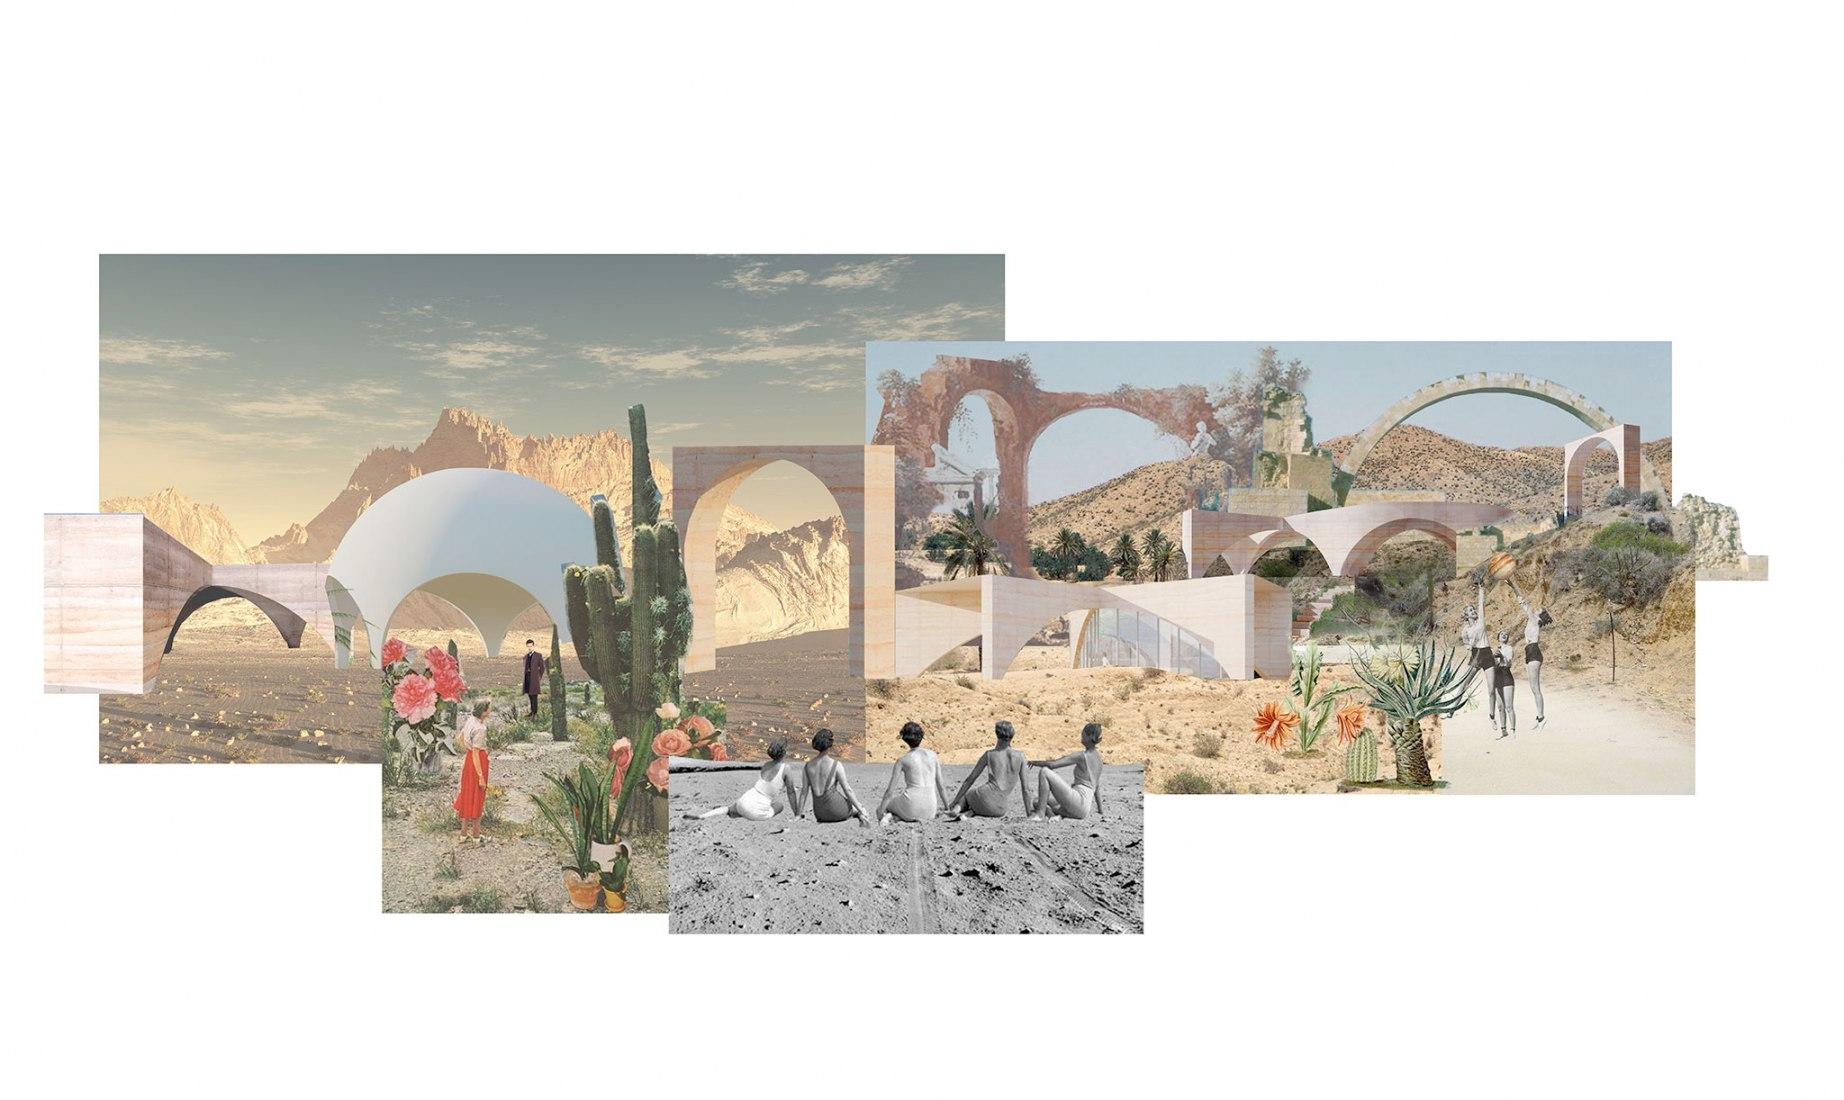 Tatiana Bilbao Estudio, Staterra, Los Cabos, Baja California, México. Se espera que se termine en 2020. Imagen cortesía del Museo de Arte Moderno de Louisiana.